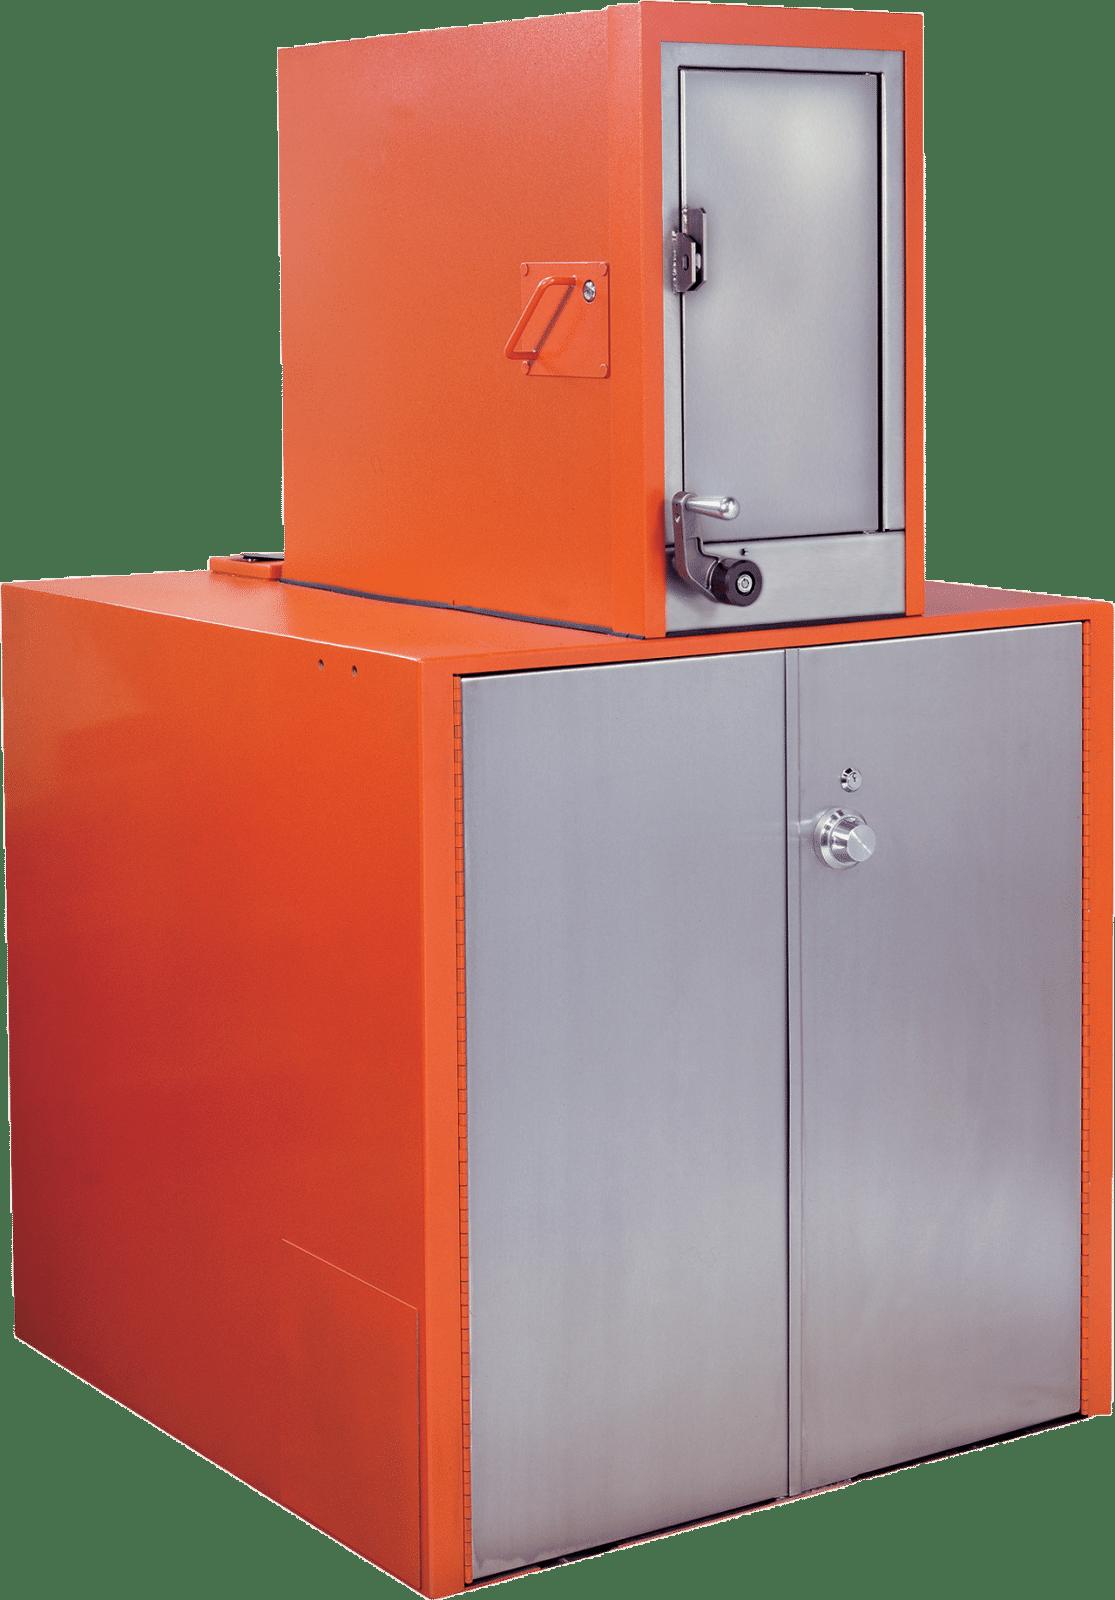 Genfare mobile vault system